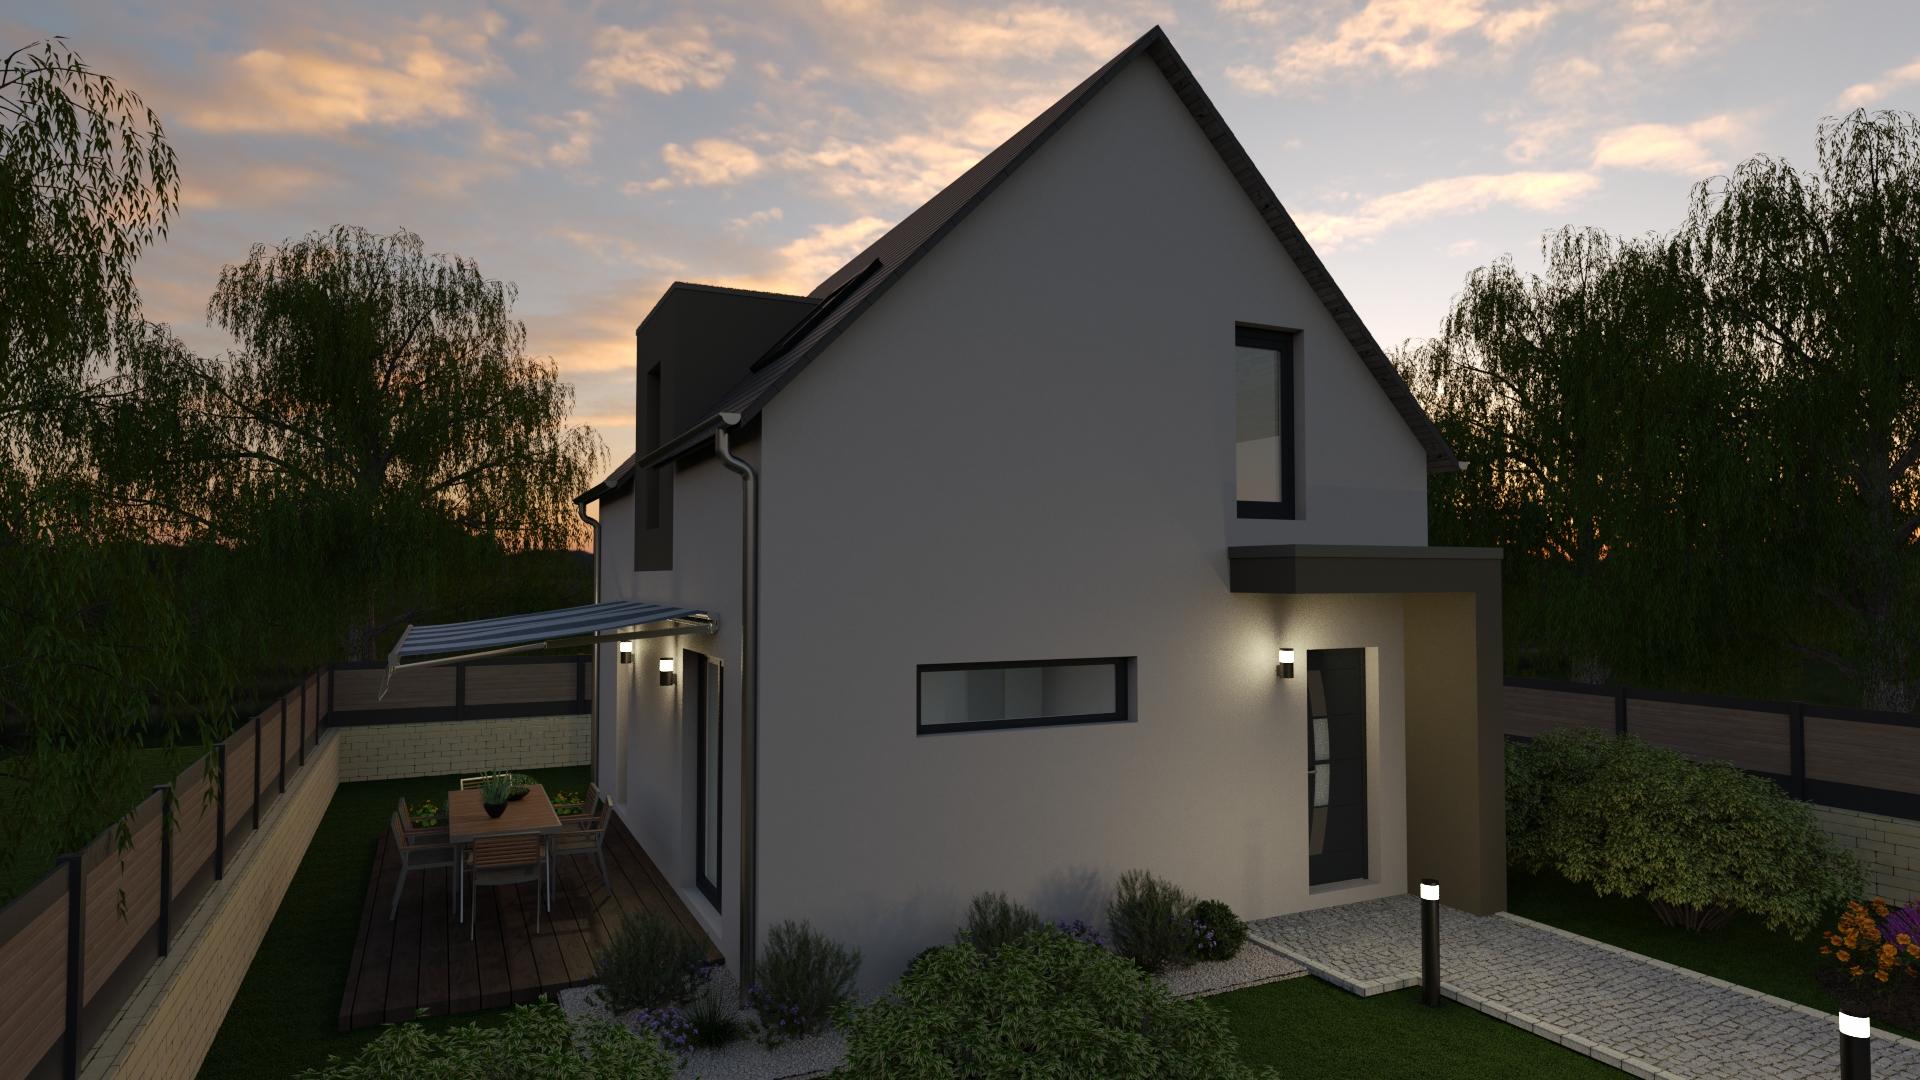 Maison de 80 m² avant